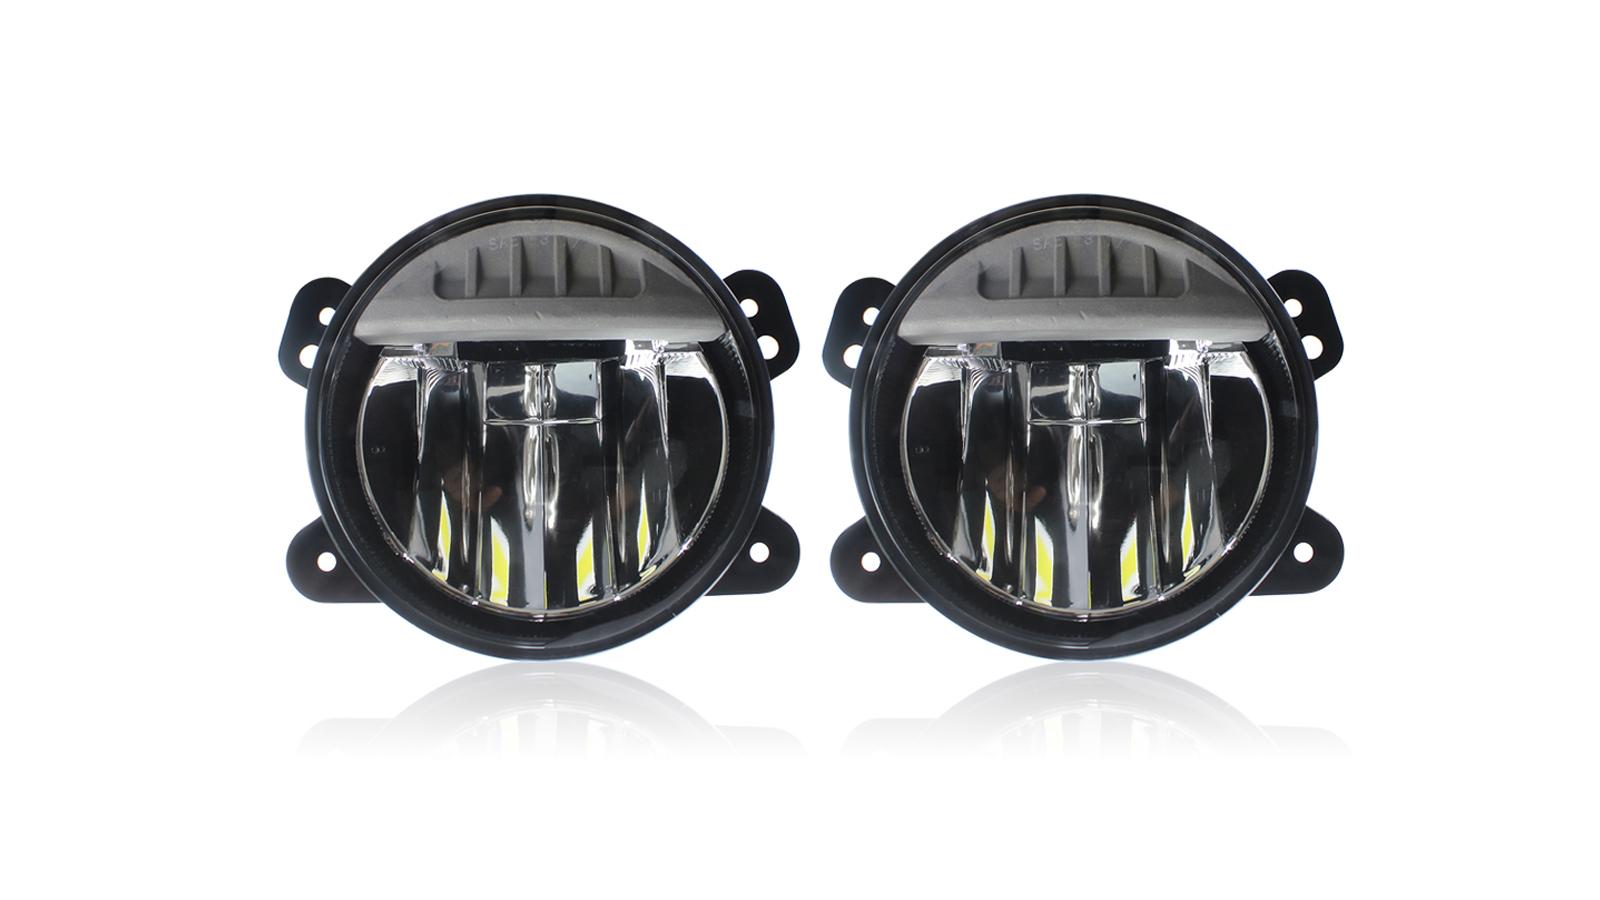 مطورة LED الضباب أضواء مصباح الوفير متوافق مع 2018-2020 جيب رانجلر JL